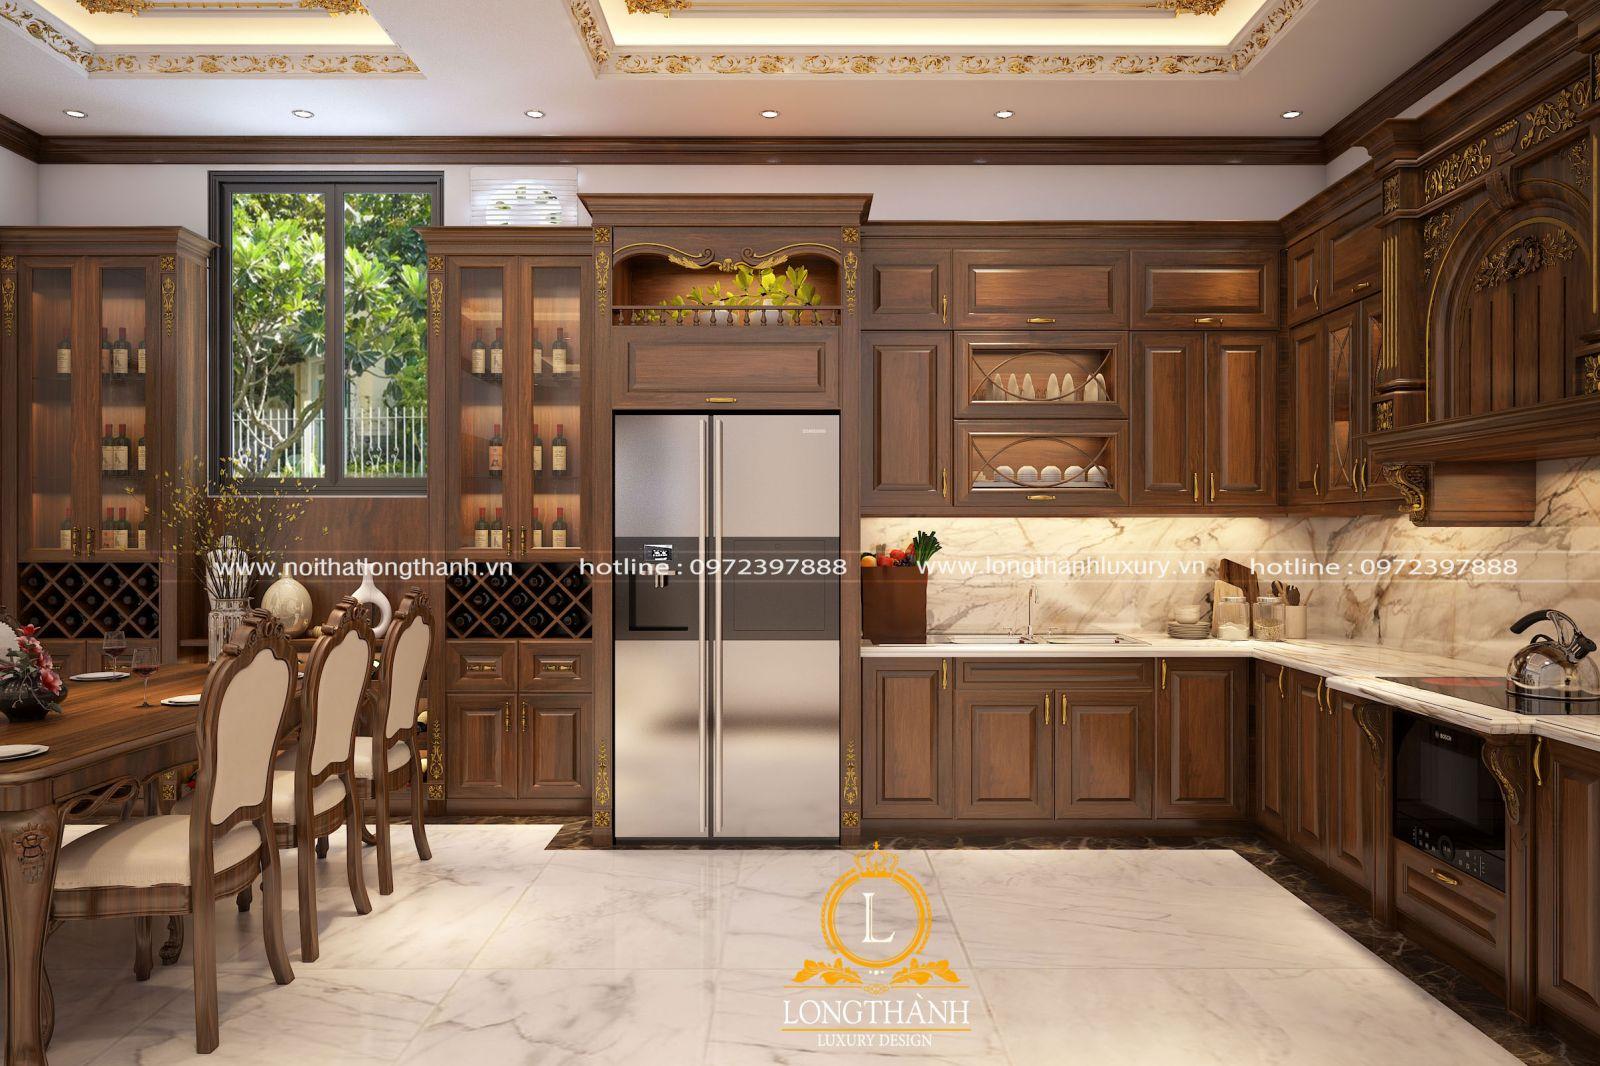 Phòng bếp được bố trí hợp lý và tiện lợi